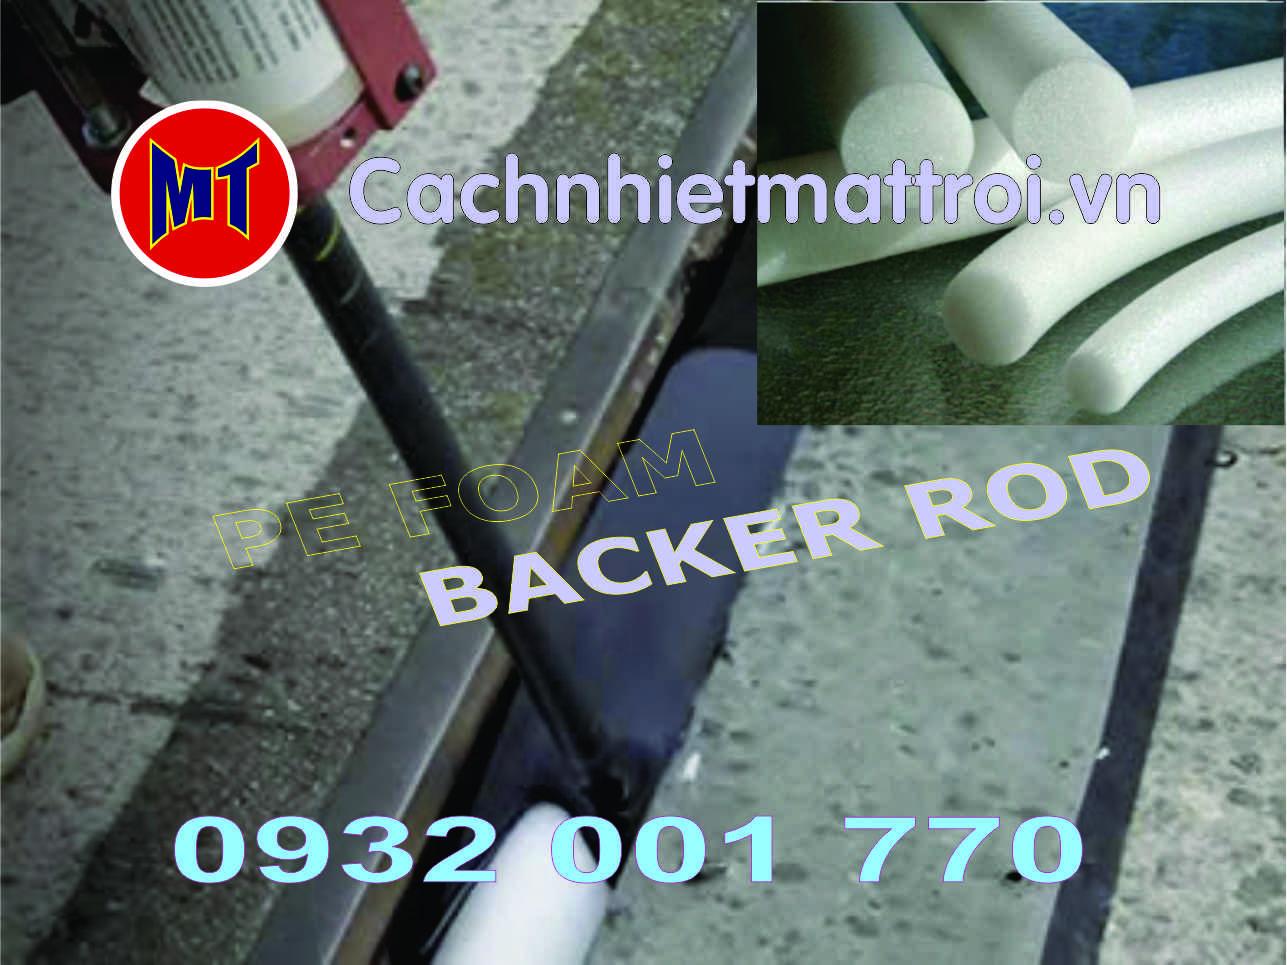 hình 3 Ron xốp tròn đặc phi 25mm - Backer Rod - PE Foam Rod đường kính 25mm